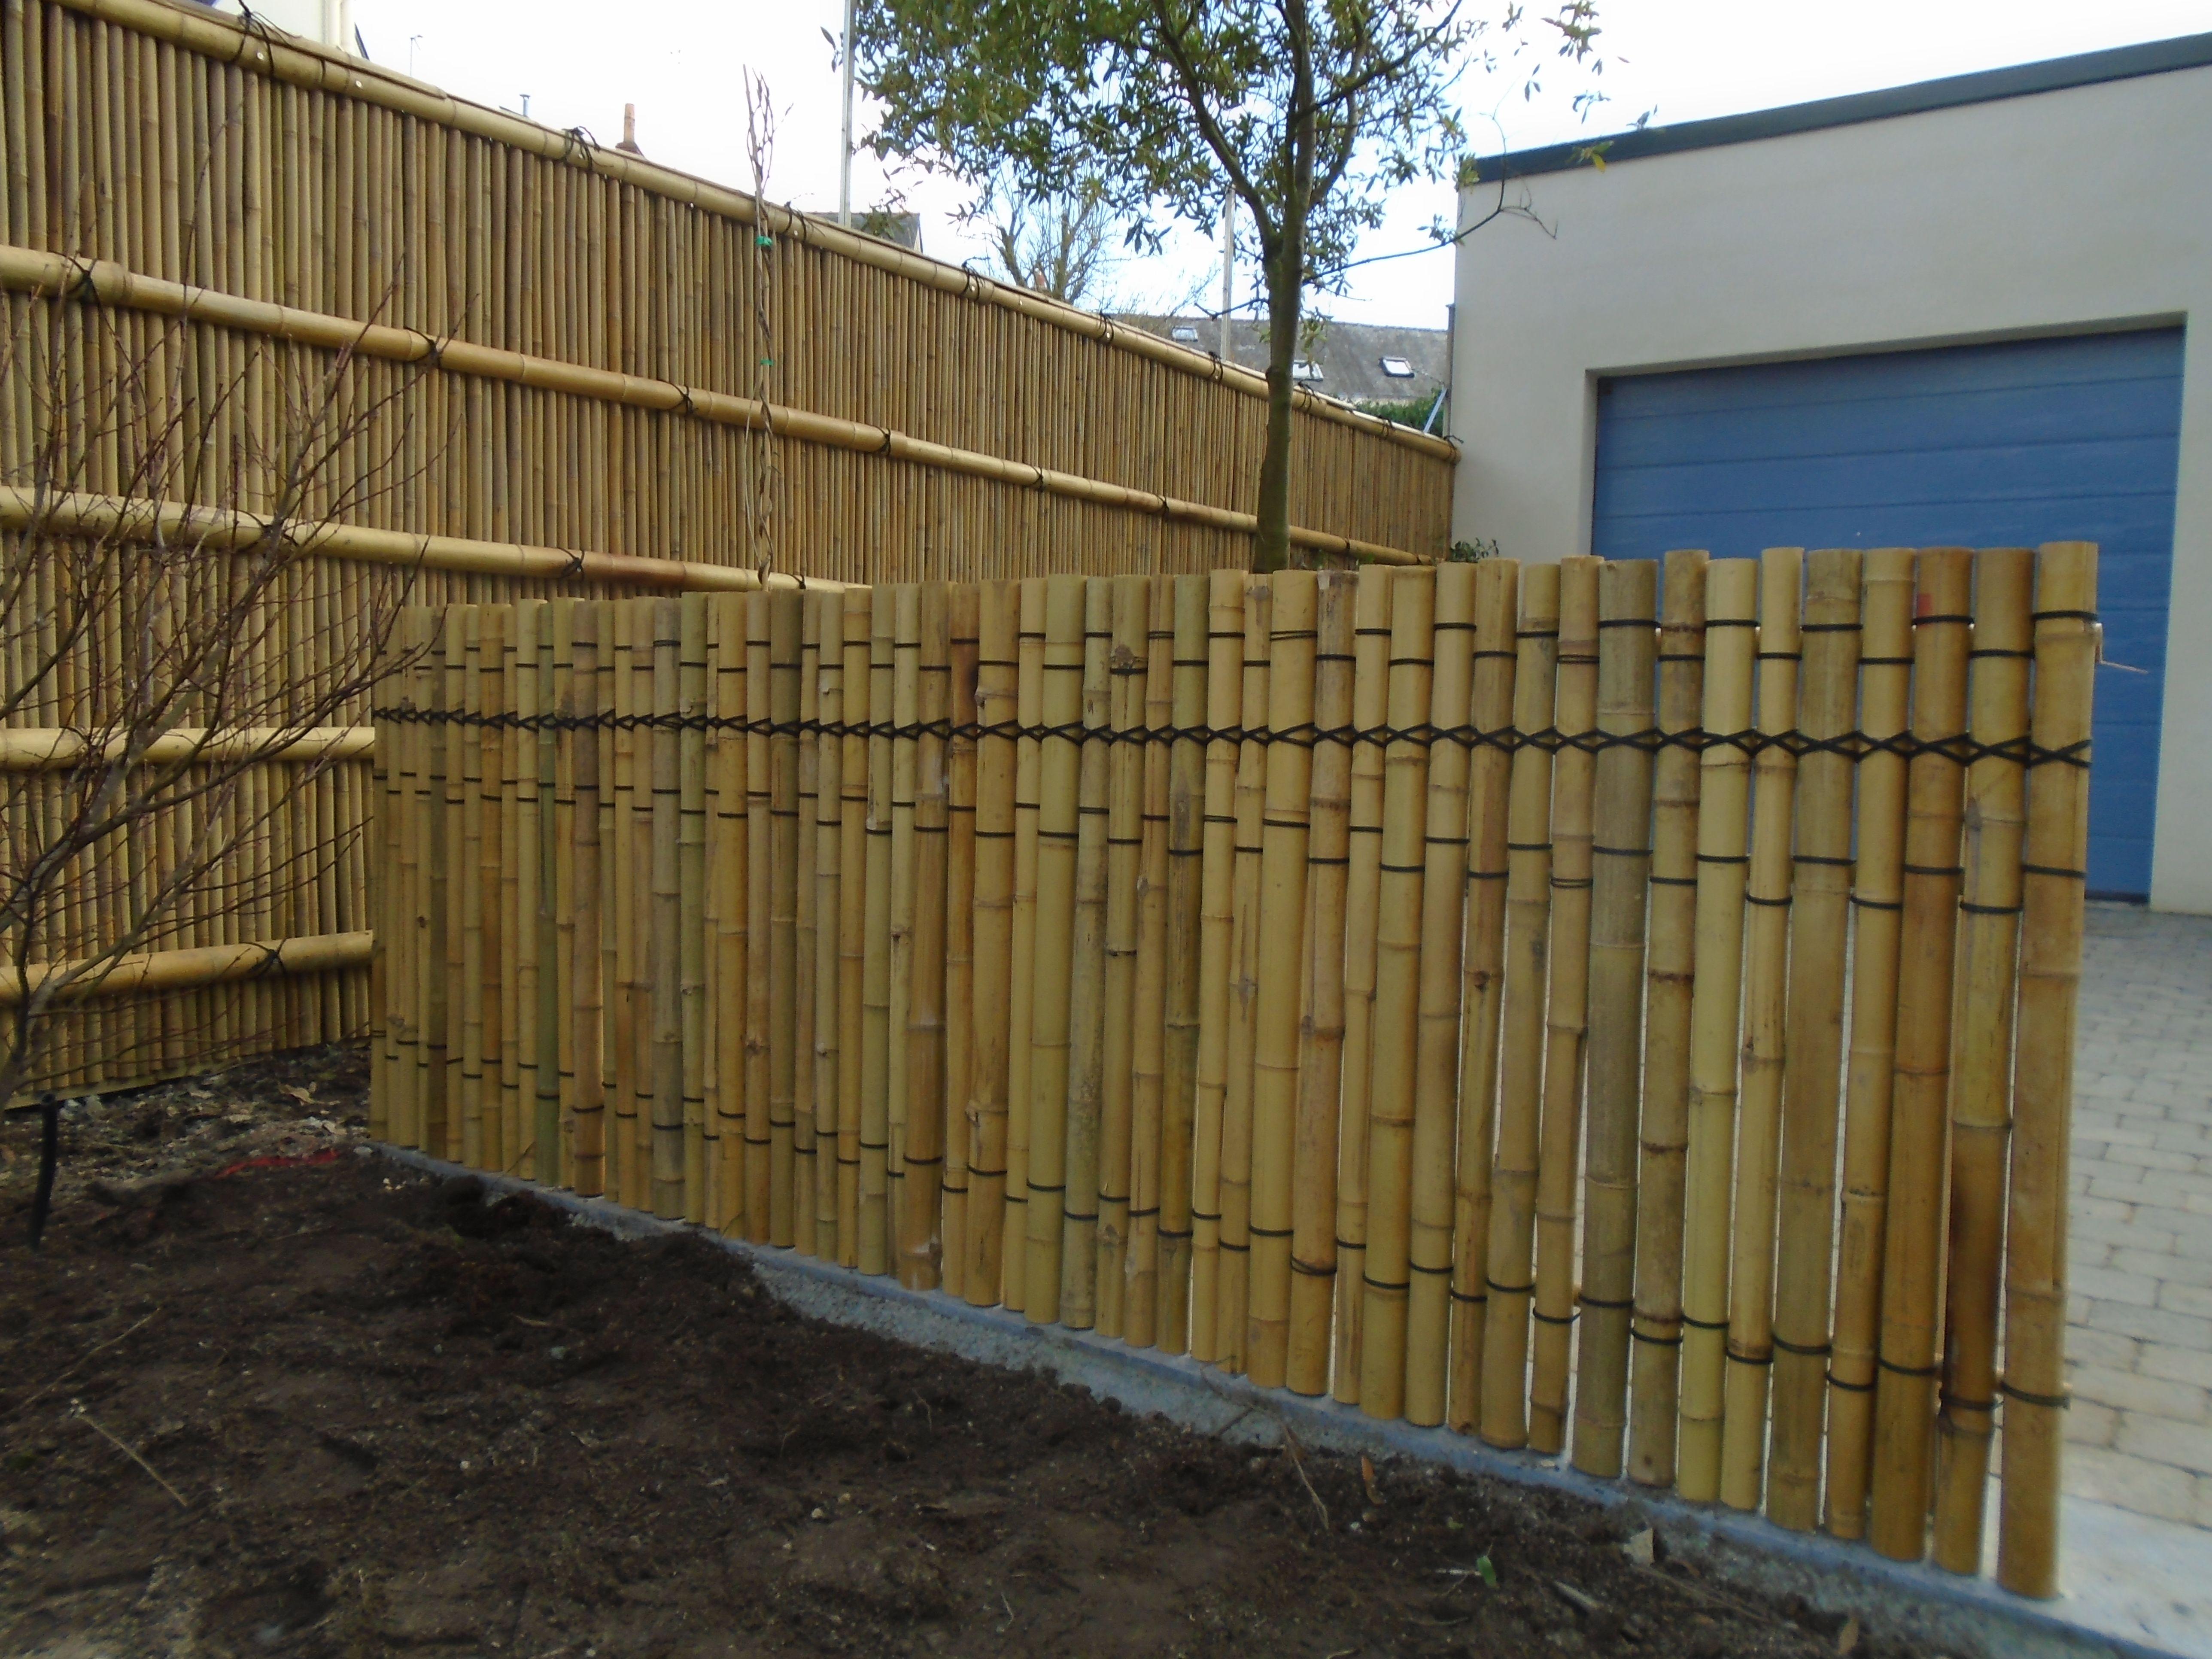 Barrière de jardin japonais en bambou, clôture, palissade, brise vue ...